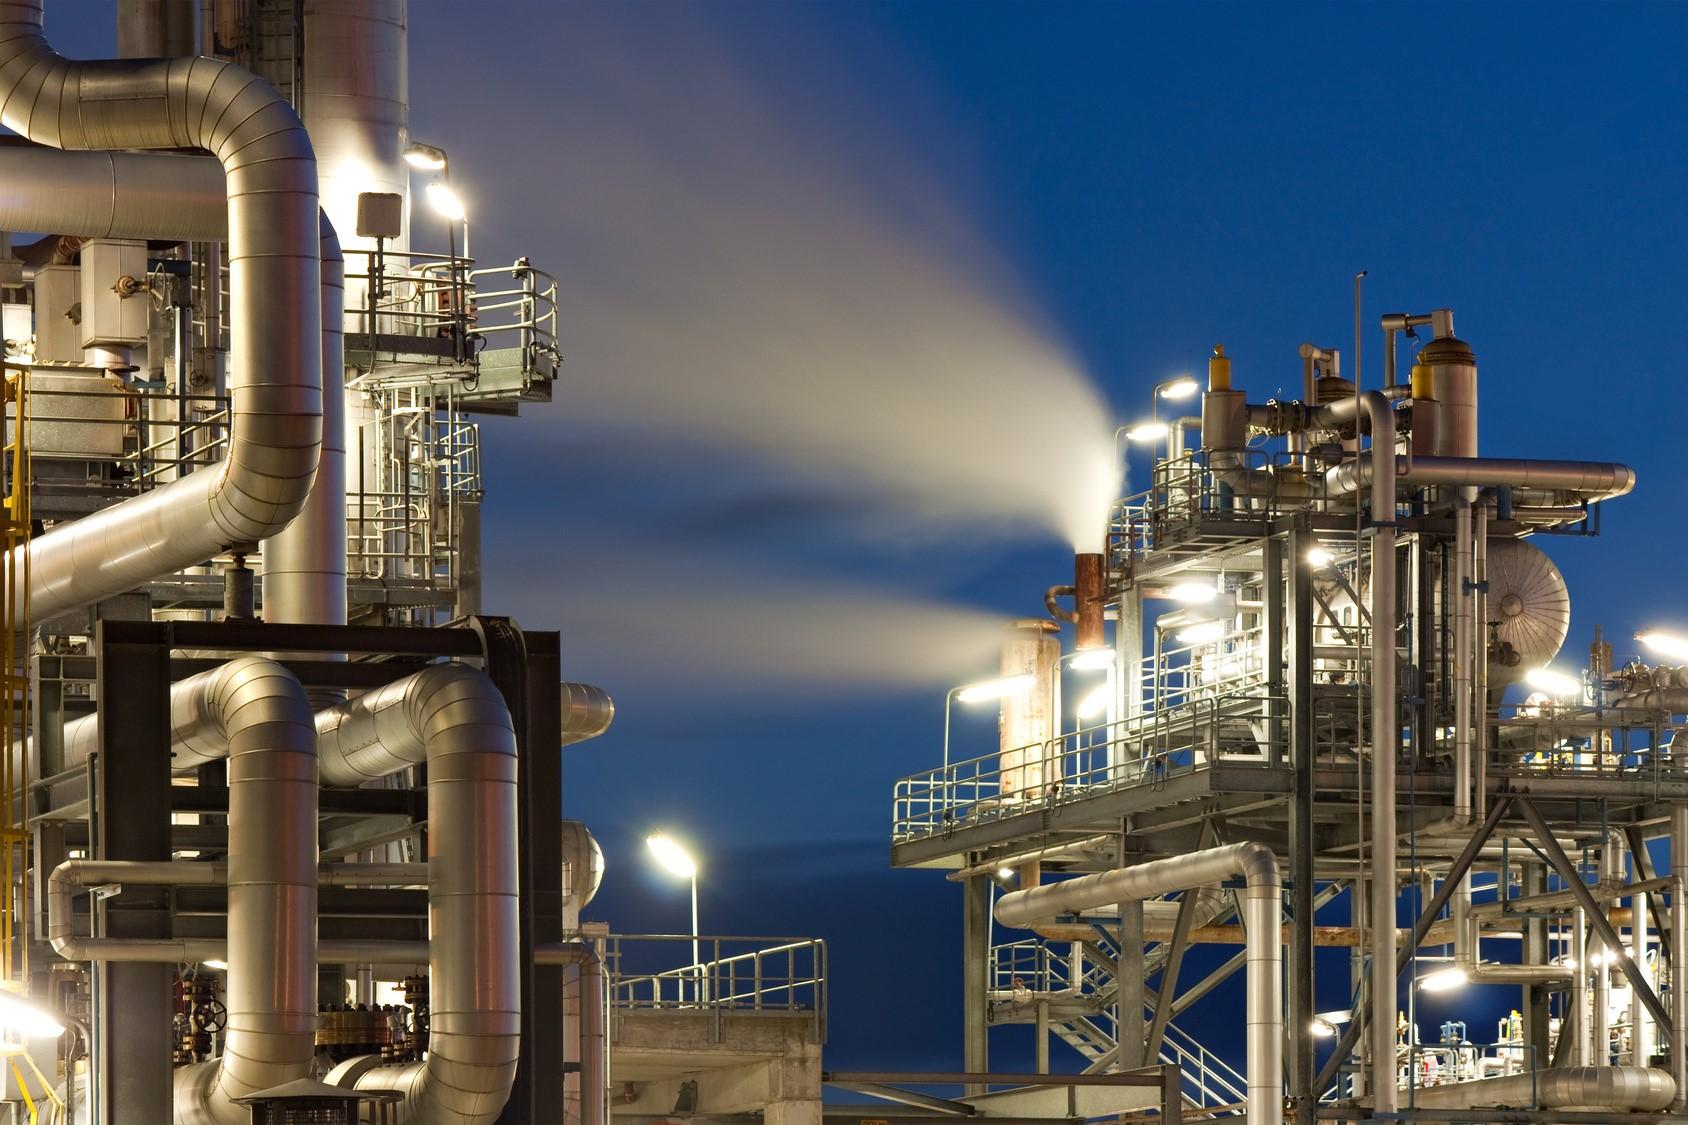 Sicherheit-der-industriellen-Systeme.jpg